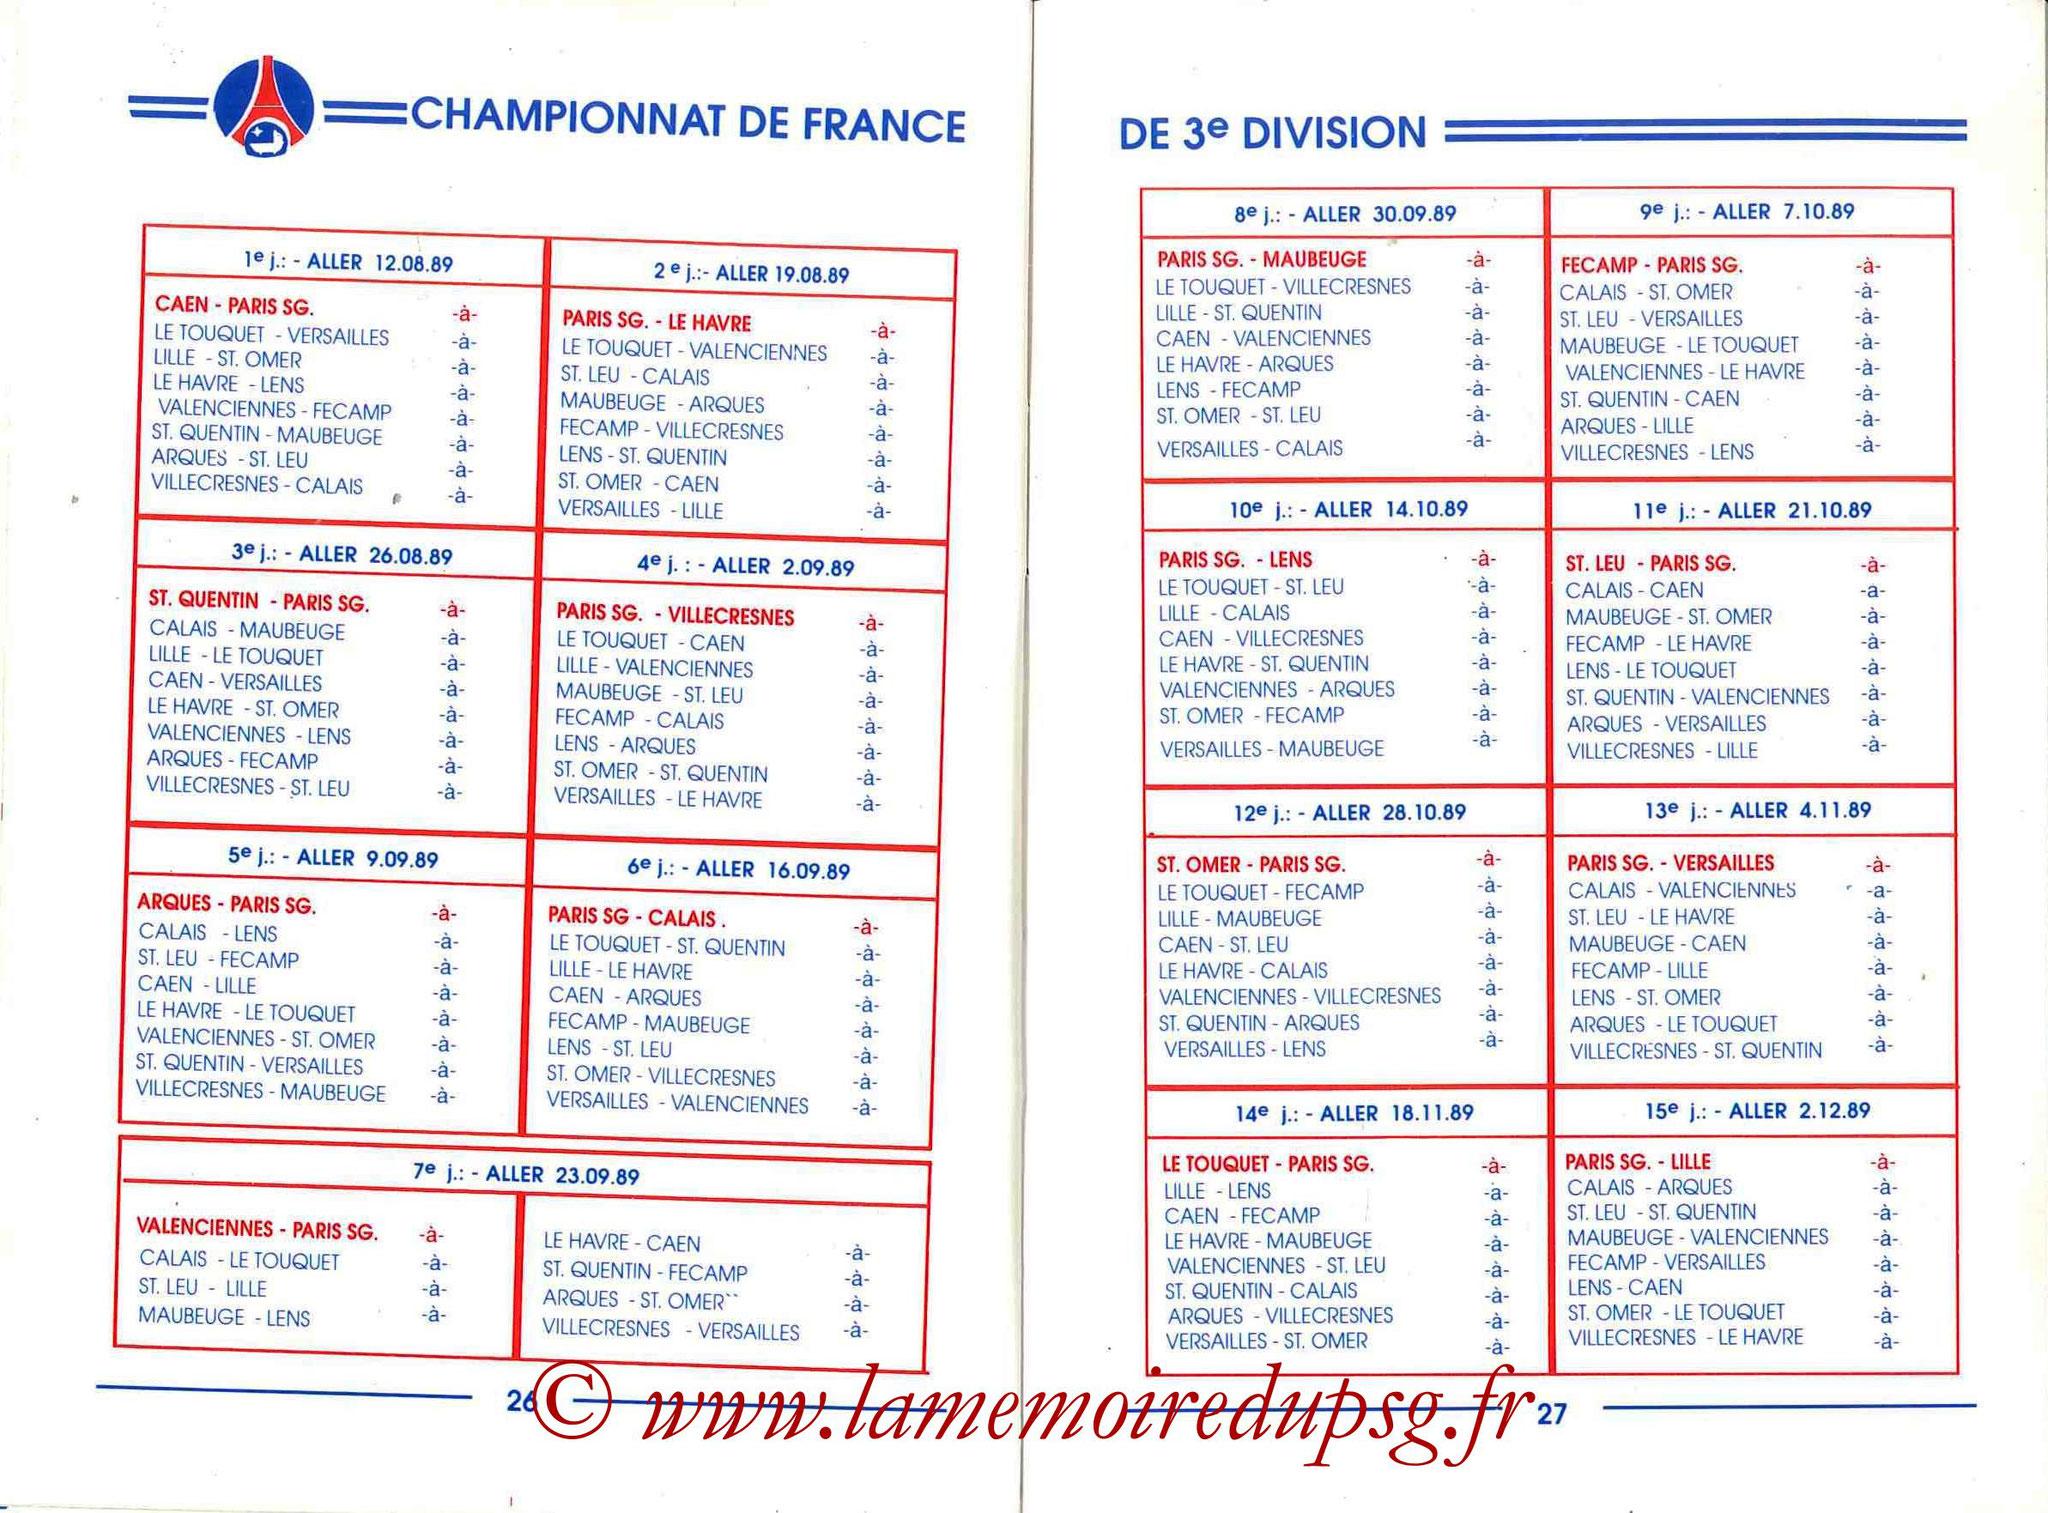 1989-90 - Guide de la Saison PSG - Pages 26 et 27